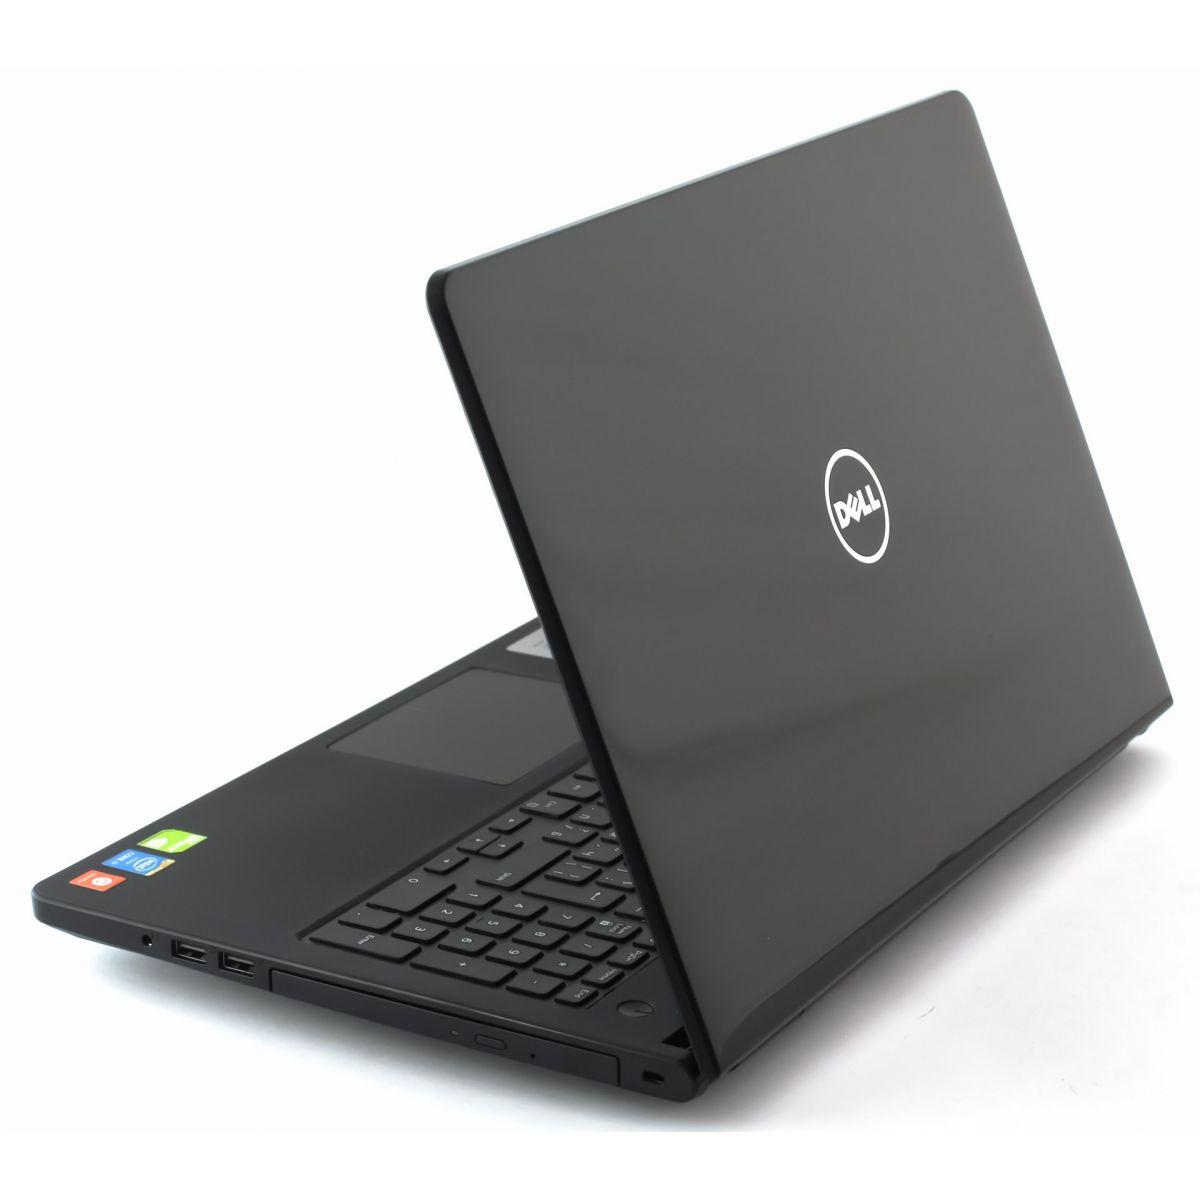 Nb Dell Inspiron 5558 Core I5-5200U 2.7/1Tb/4Gb/Dvd/Cam/15/W8Sl